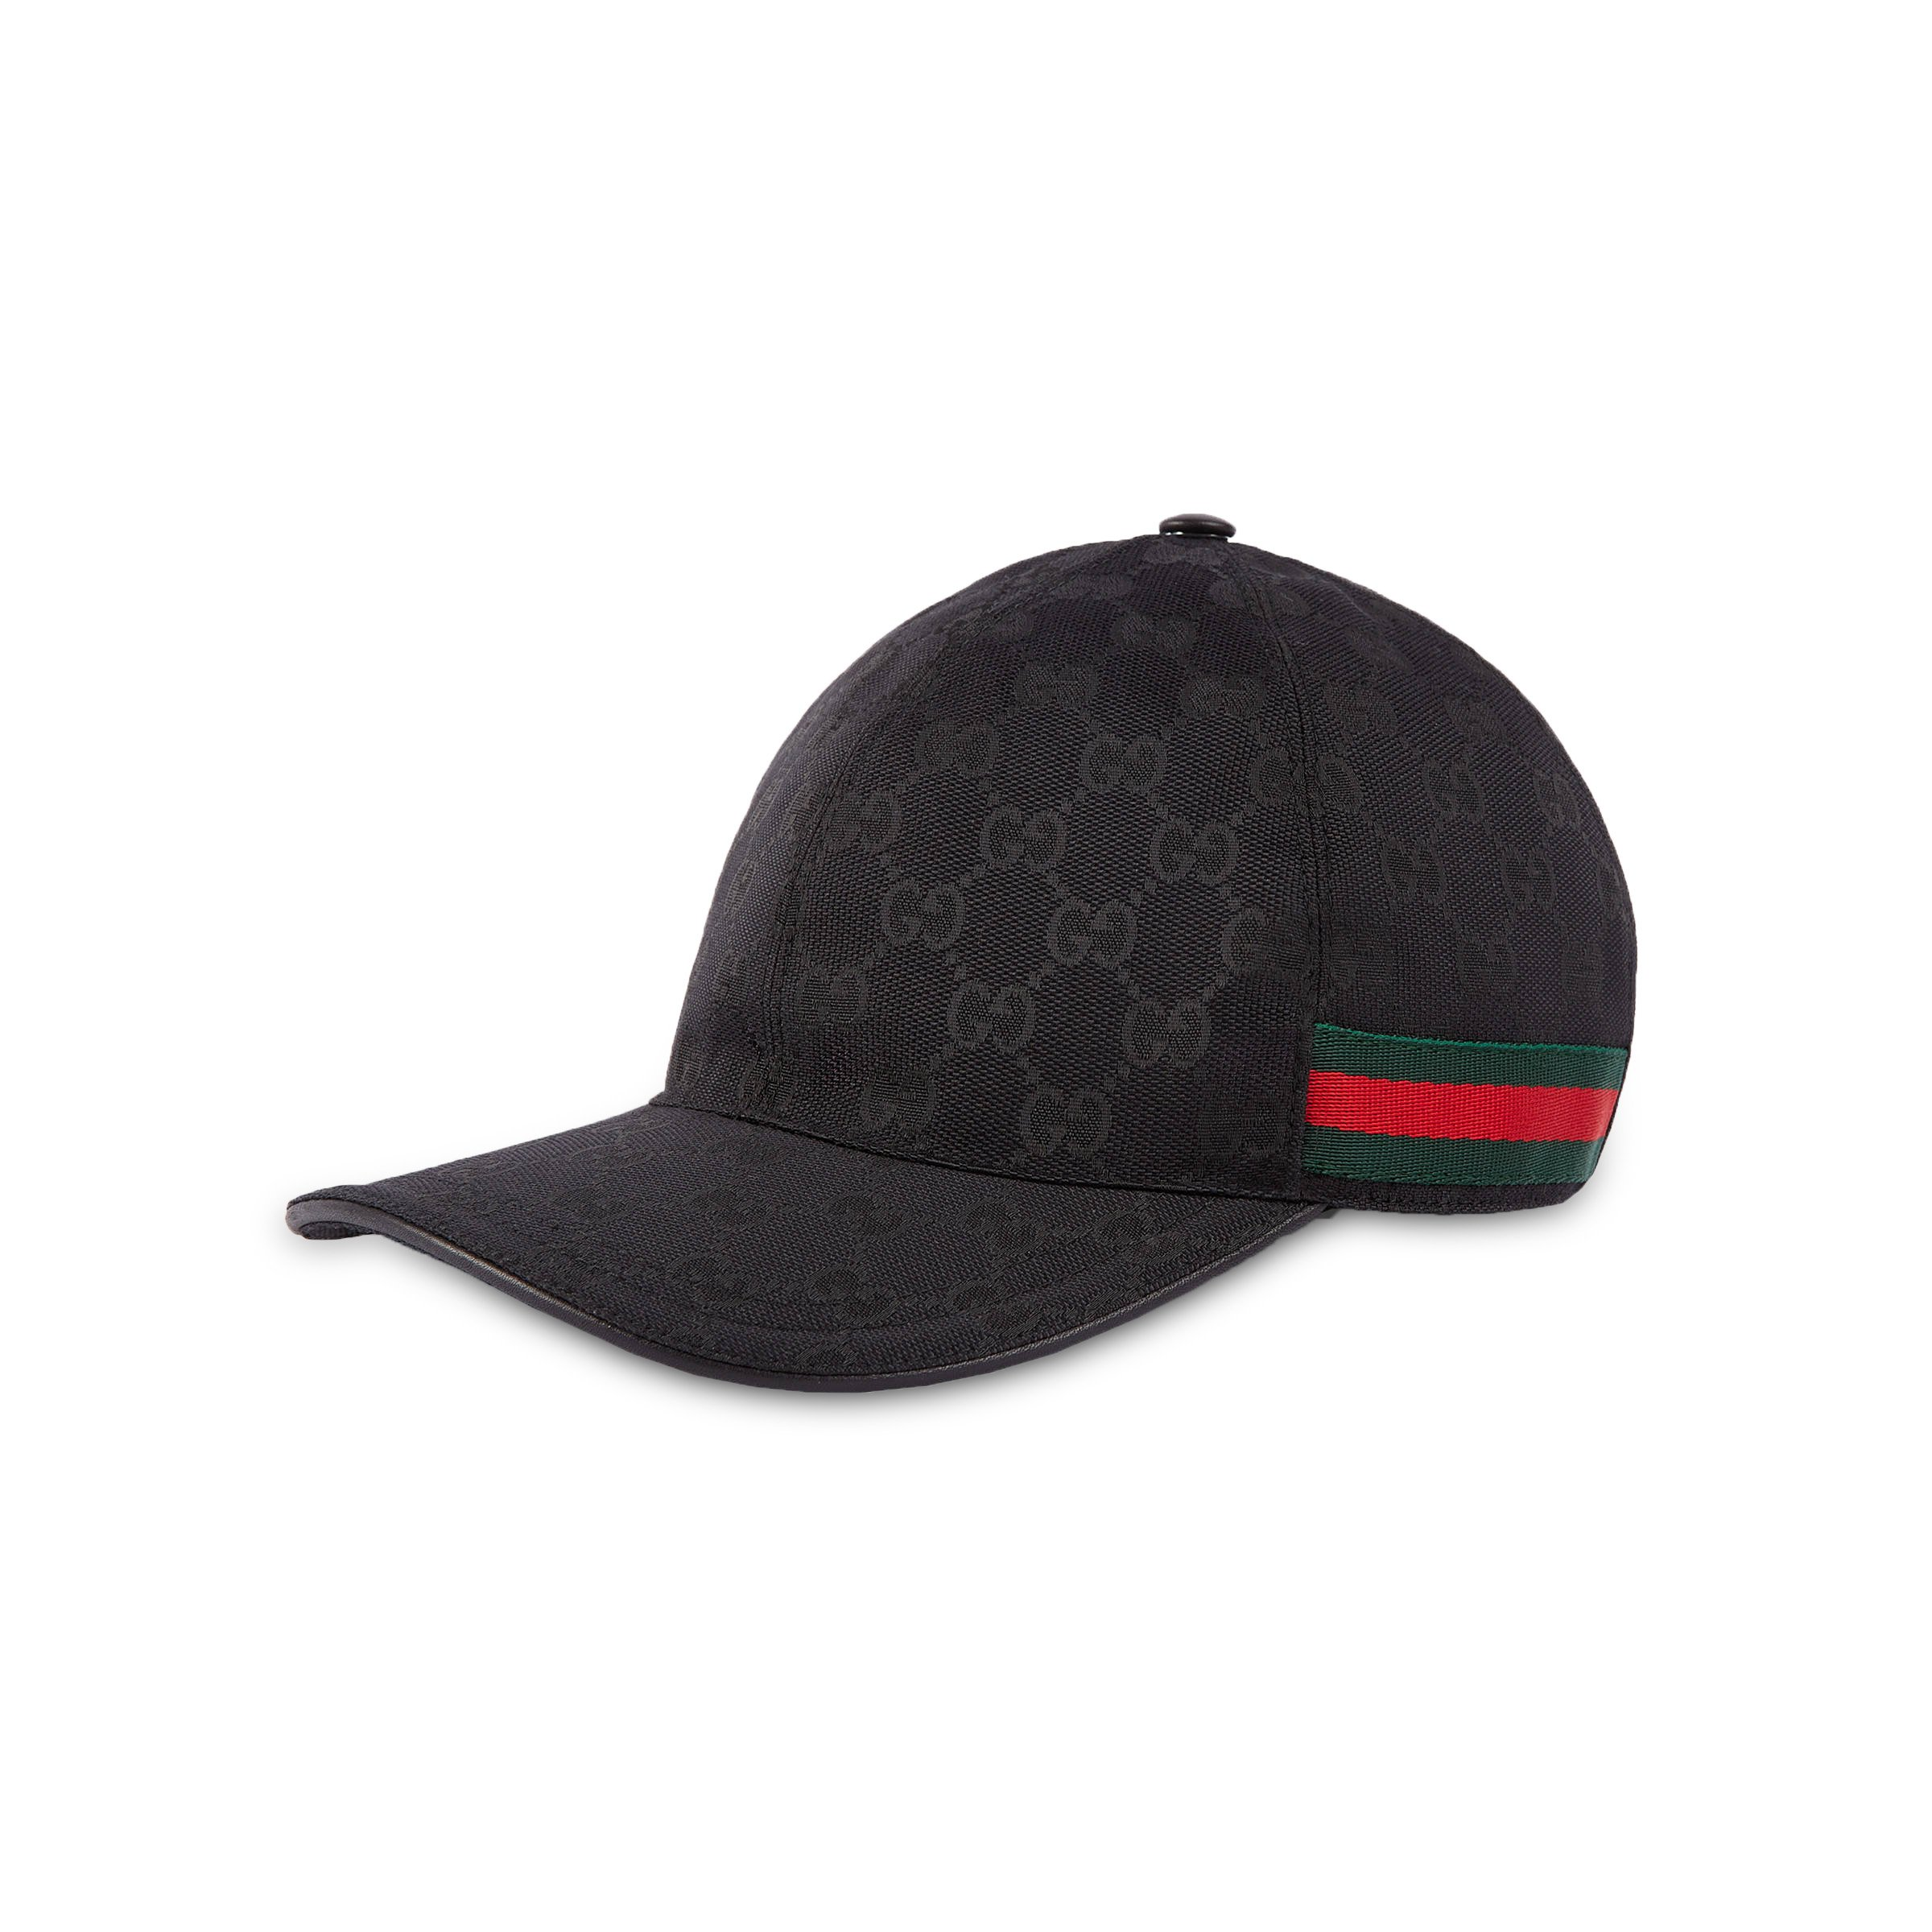 Gucci Original GG Canvas Baseball Hat with Web , Black (Nero) (Small / 57 cm / 22.4 in)